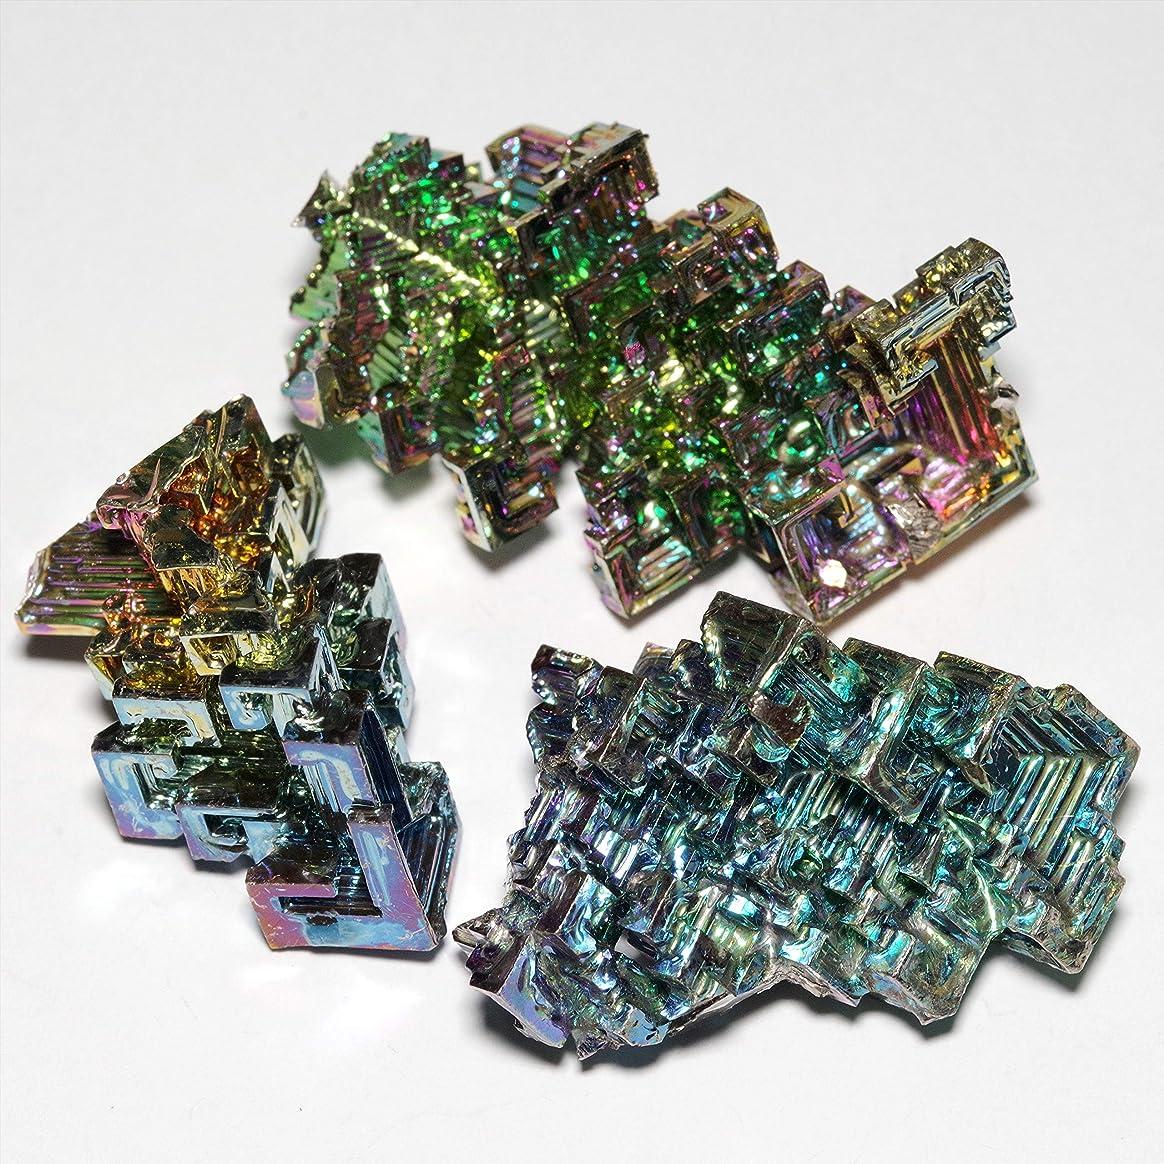 恐怖症合理的コーラス【N2 stone Natural】金属標本 ビスマス (原子番号83/Bi/bismuth) / 結晶 | (約50g [ 3個セット ])